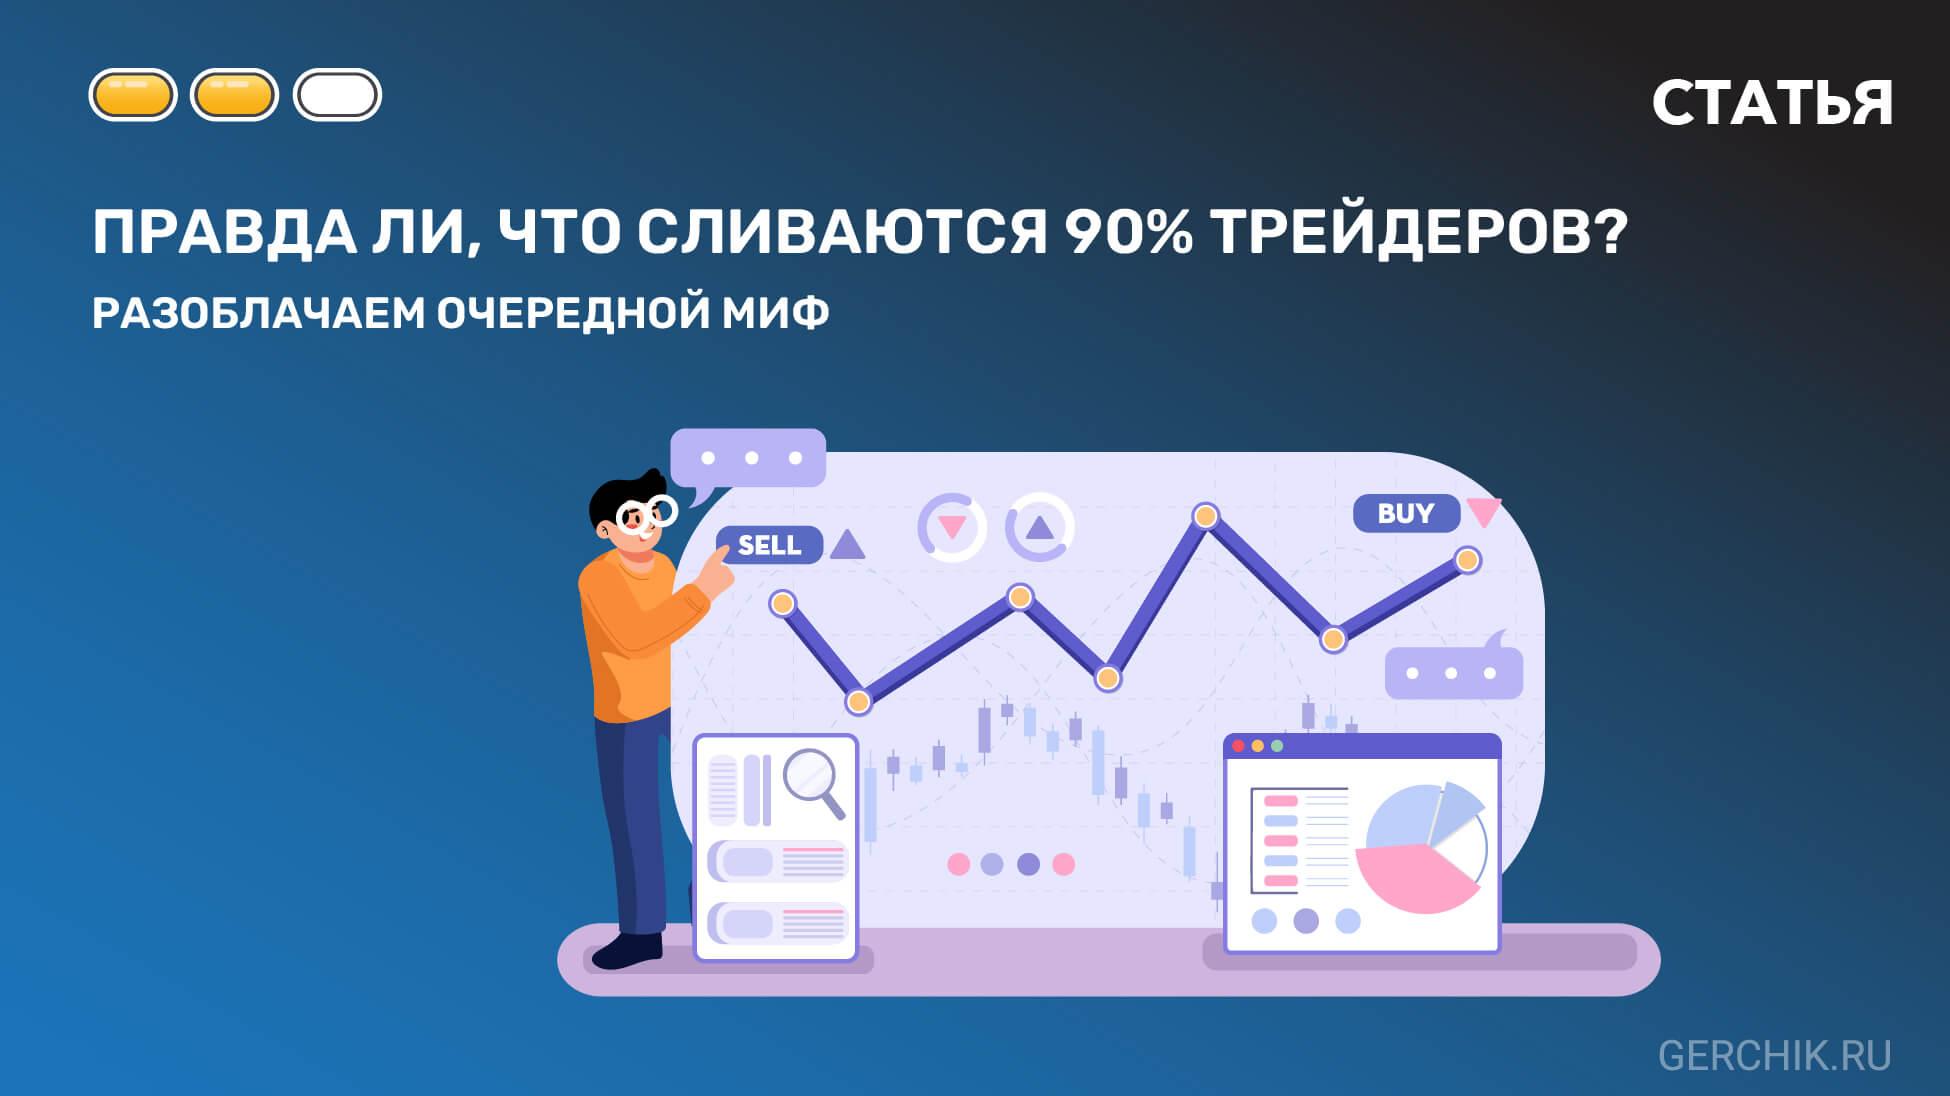 pravda-li-chto-clivautsya-90%-treyderjv-razoblachaem-ocherednoy-mif